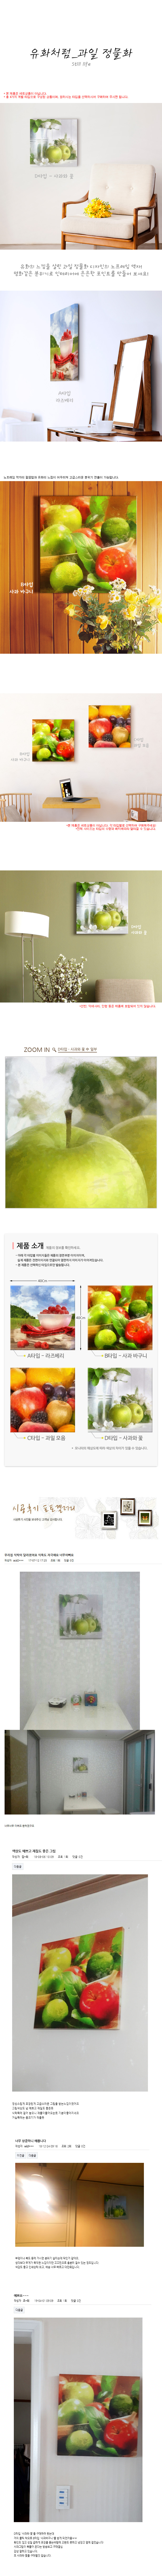 cx465-유화처럼_과일정물화 - 꾸밈, 20,300원, 액자, 벽걸이액자